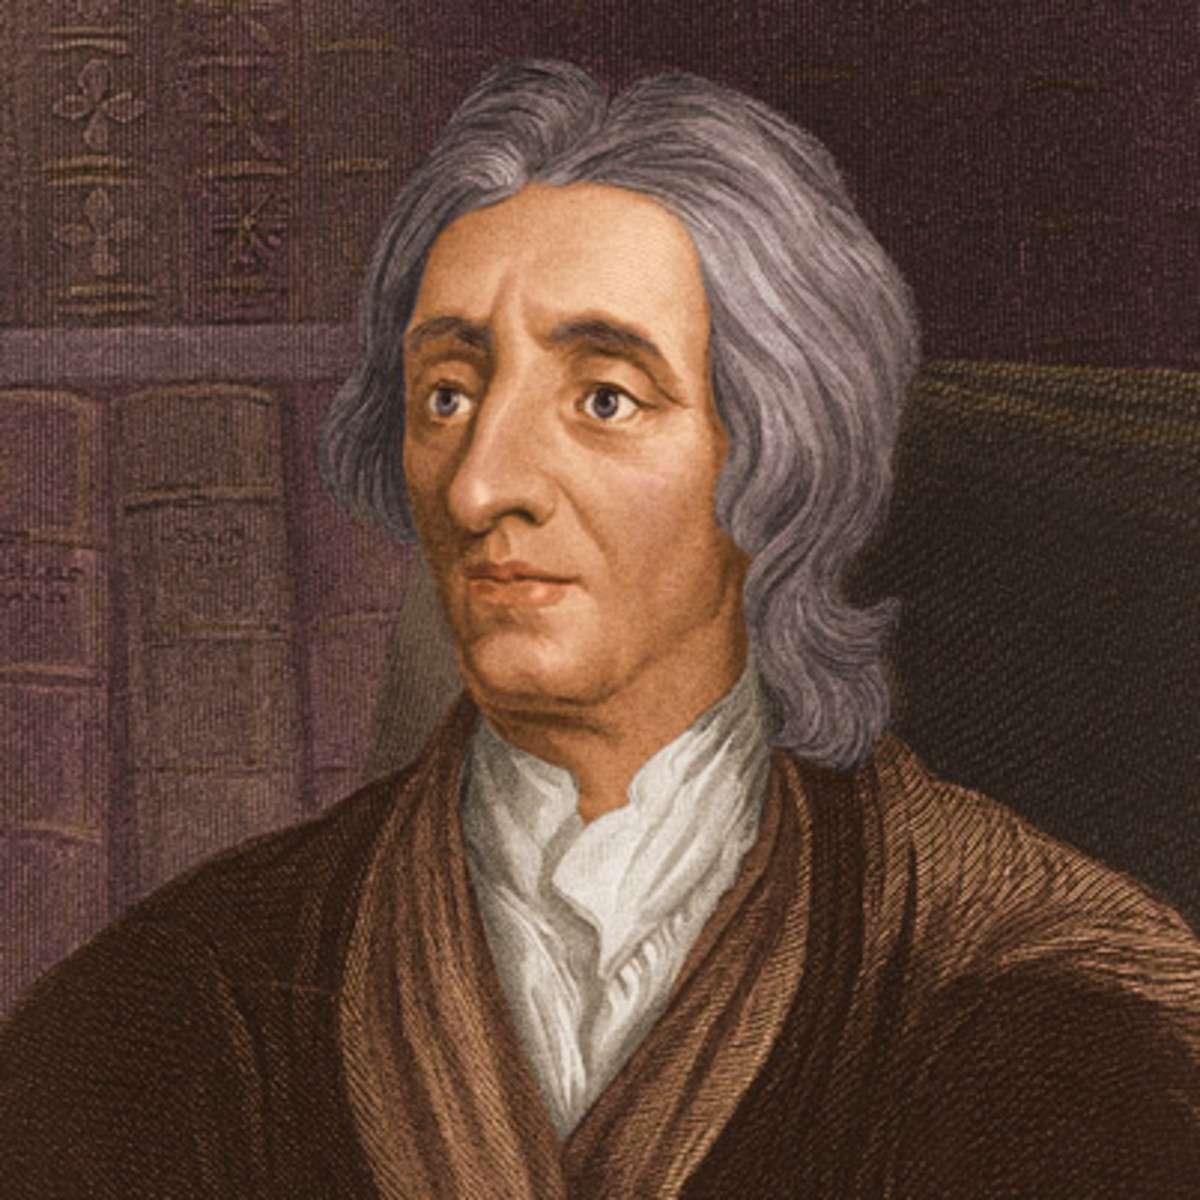 Ο Τζων Λοκ (John Locke, 29 Αυγούστου 1632 – 28 Οκτωβρίου 1704) ήταν Άγγλος φιλόσοφος και ιατρός, ο οποίος θεωρείται ένας από τους πλέον σημαίνοντες στοχαστές του Διαφωτισμού και είναι ευρύτερα γνωστός ως ο Πατέρας του Κλασικού Φιλελευθερισμού.